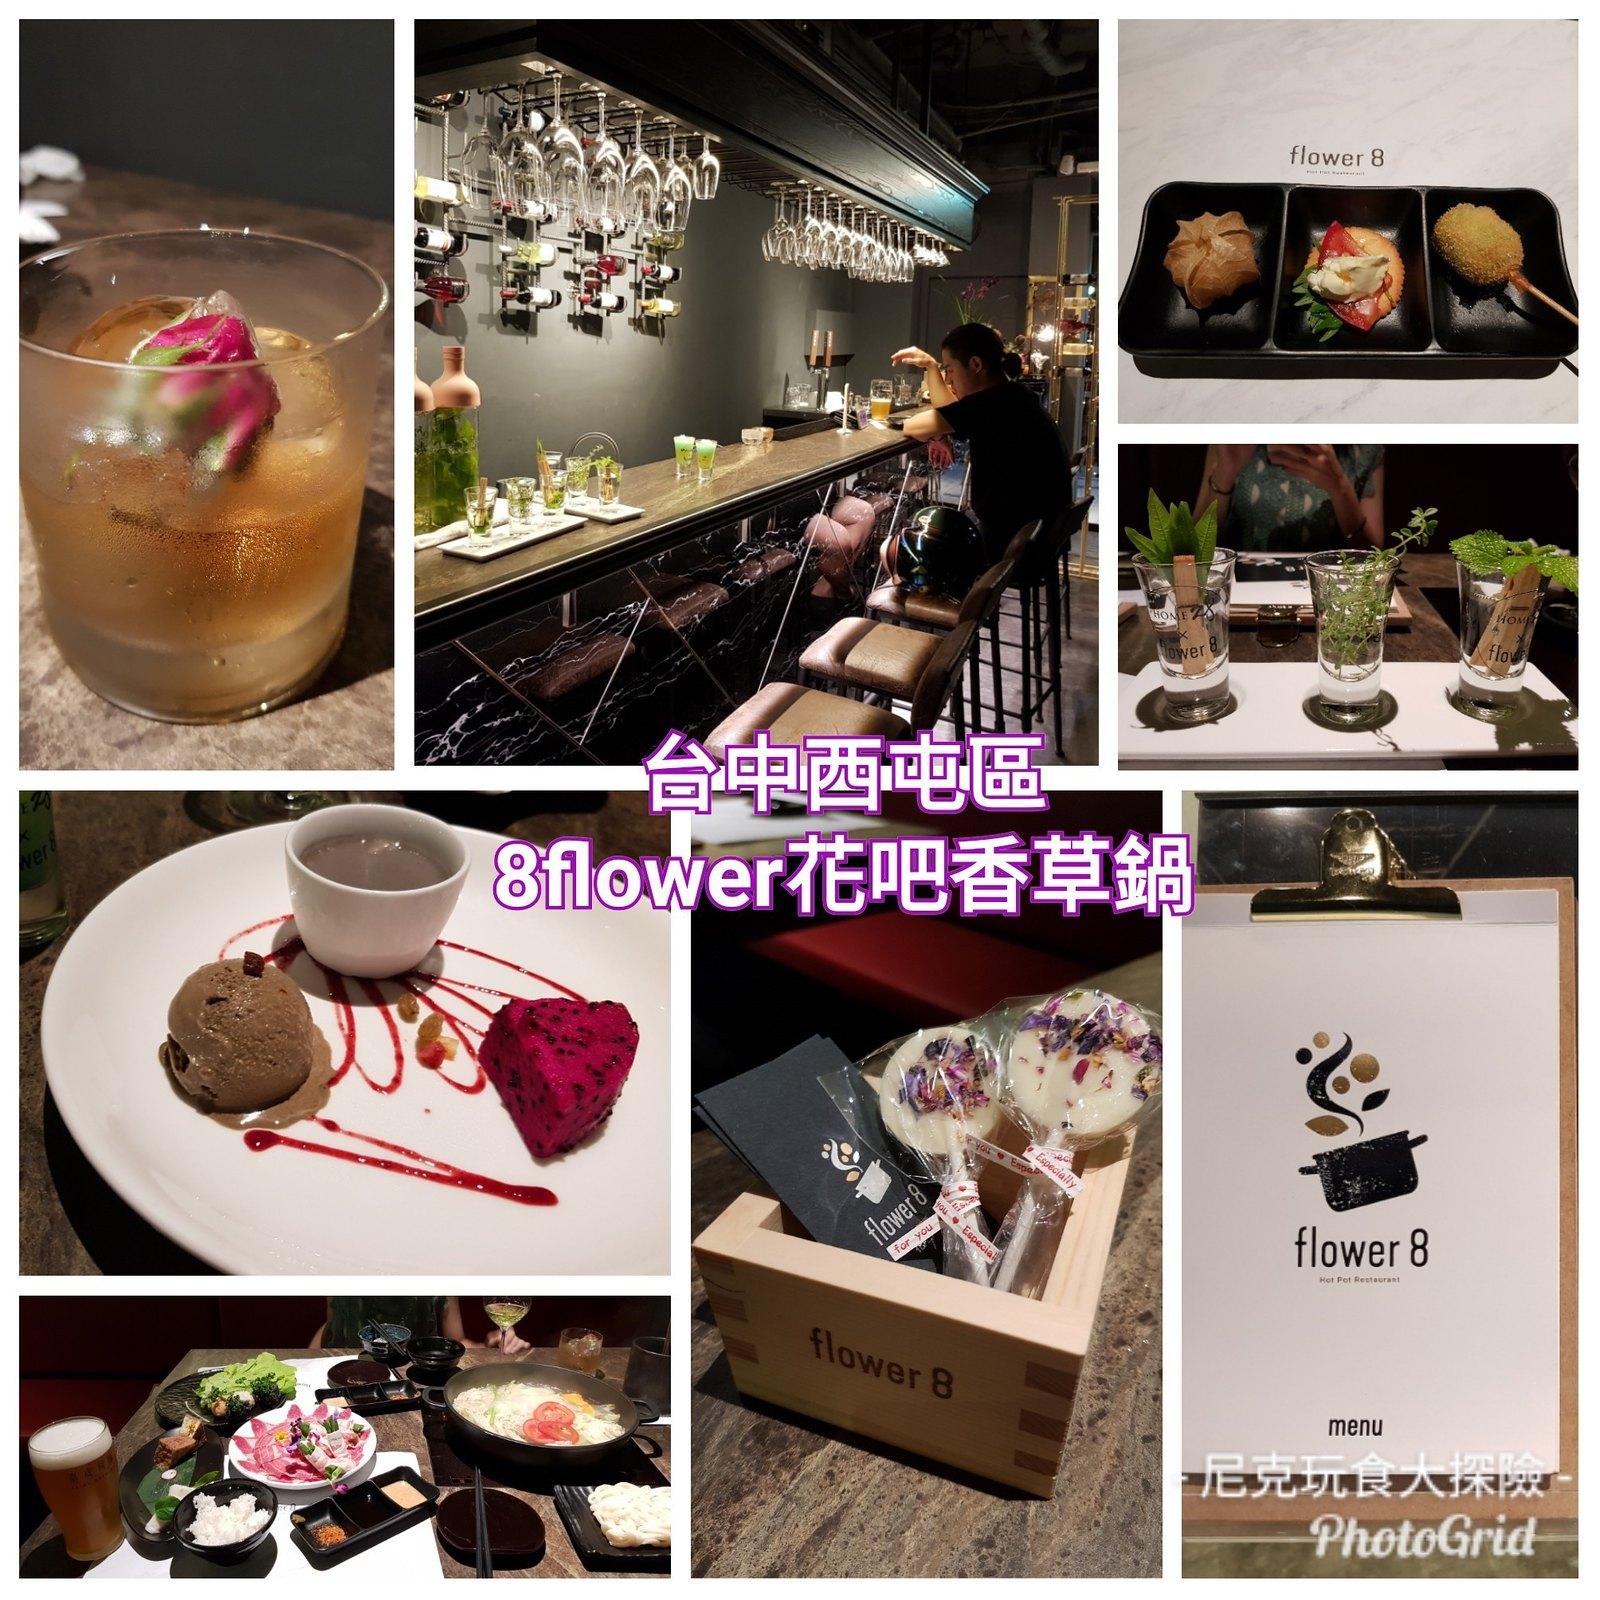 【台中西屯|餐廳】花吧8flower香草鍋|火鍋餐酒全新概念 完美燭光晚餐